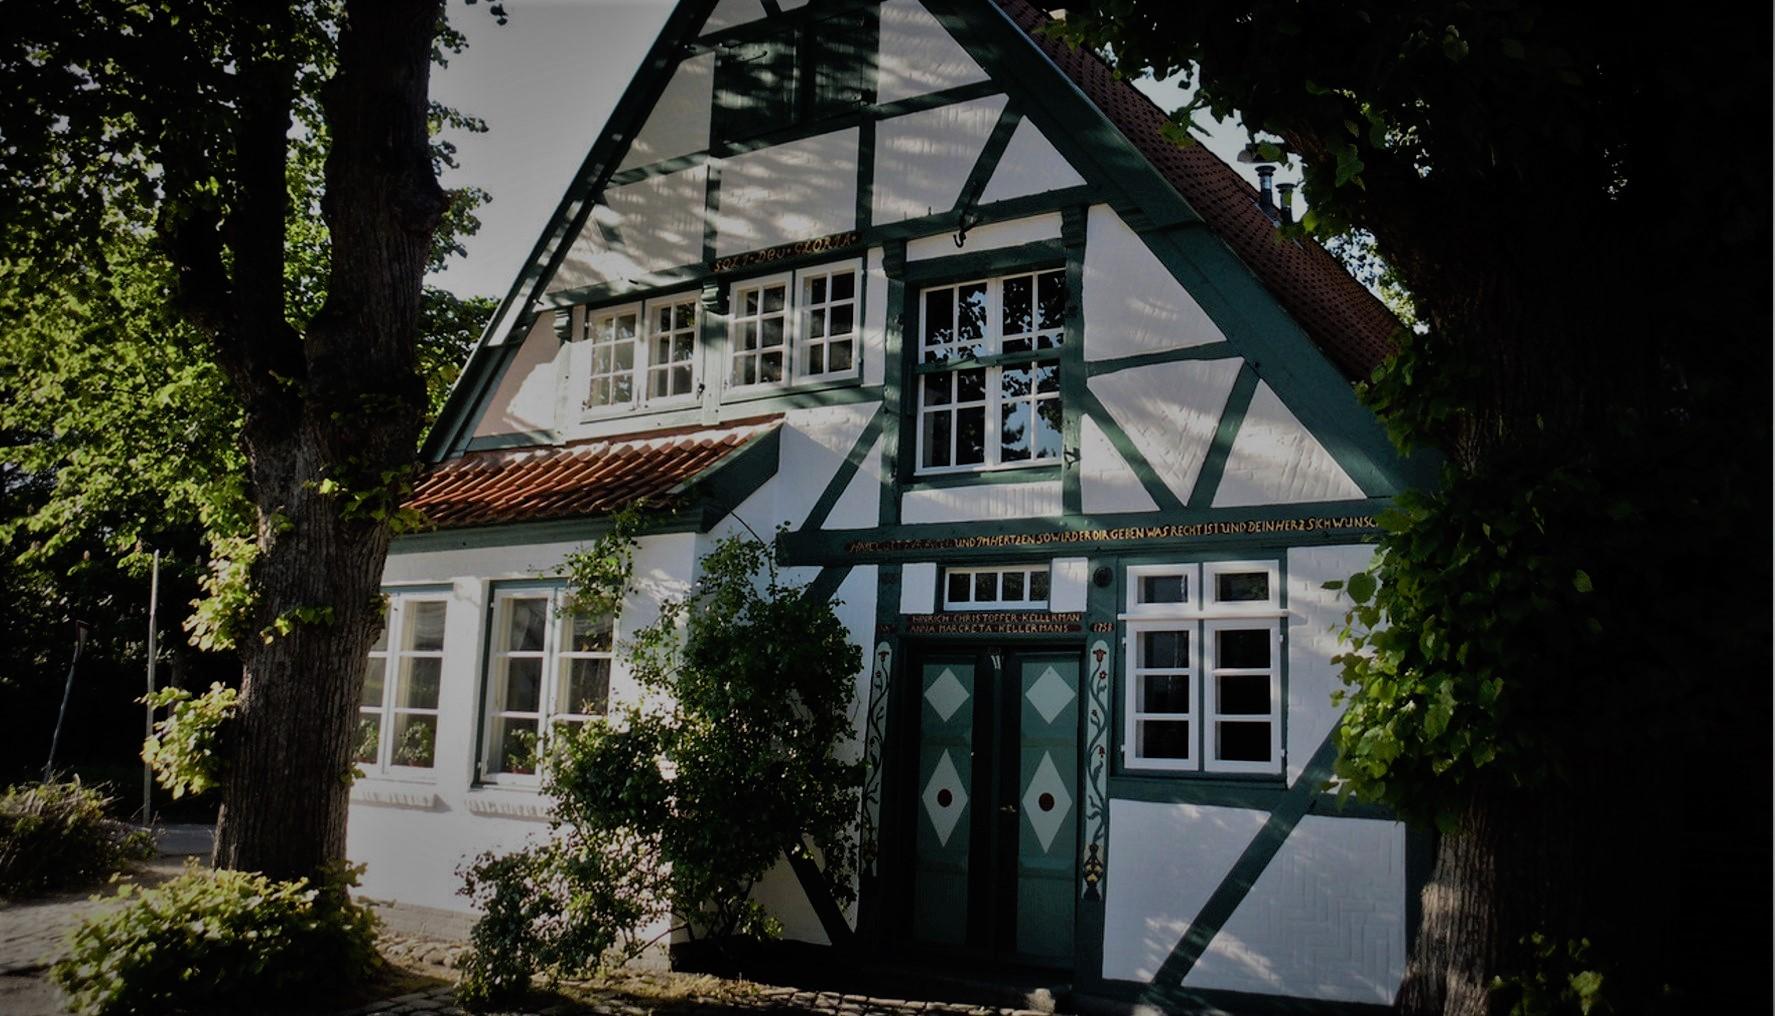 https://reepschlaegerhaus.de/images/iacf1.jpg